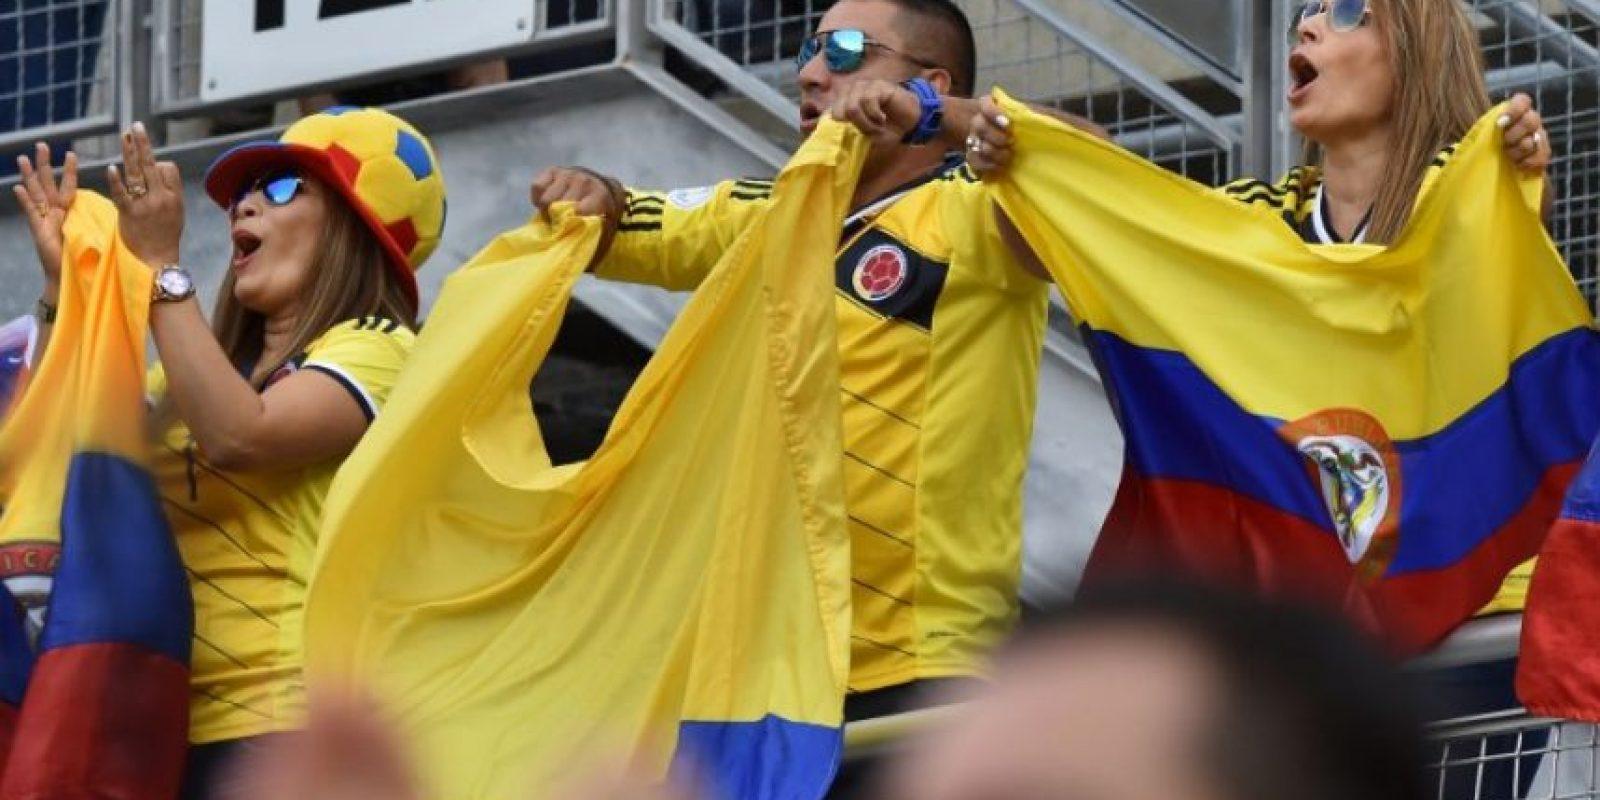 45 mil asistentes en promedio tuvo la Copa América Centenario, contando el lleno que se espera para el tercer y cuarto lugar y la final Foto:AFP